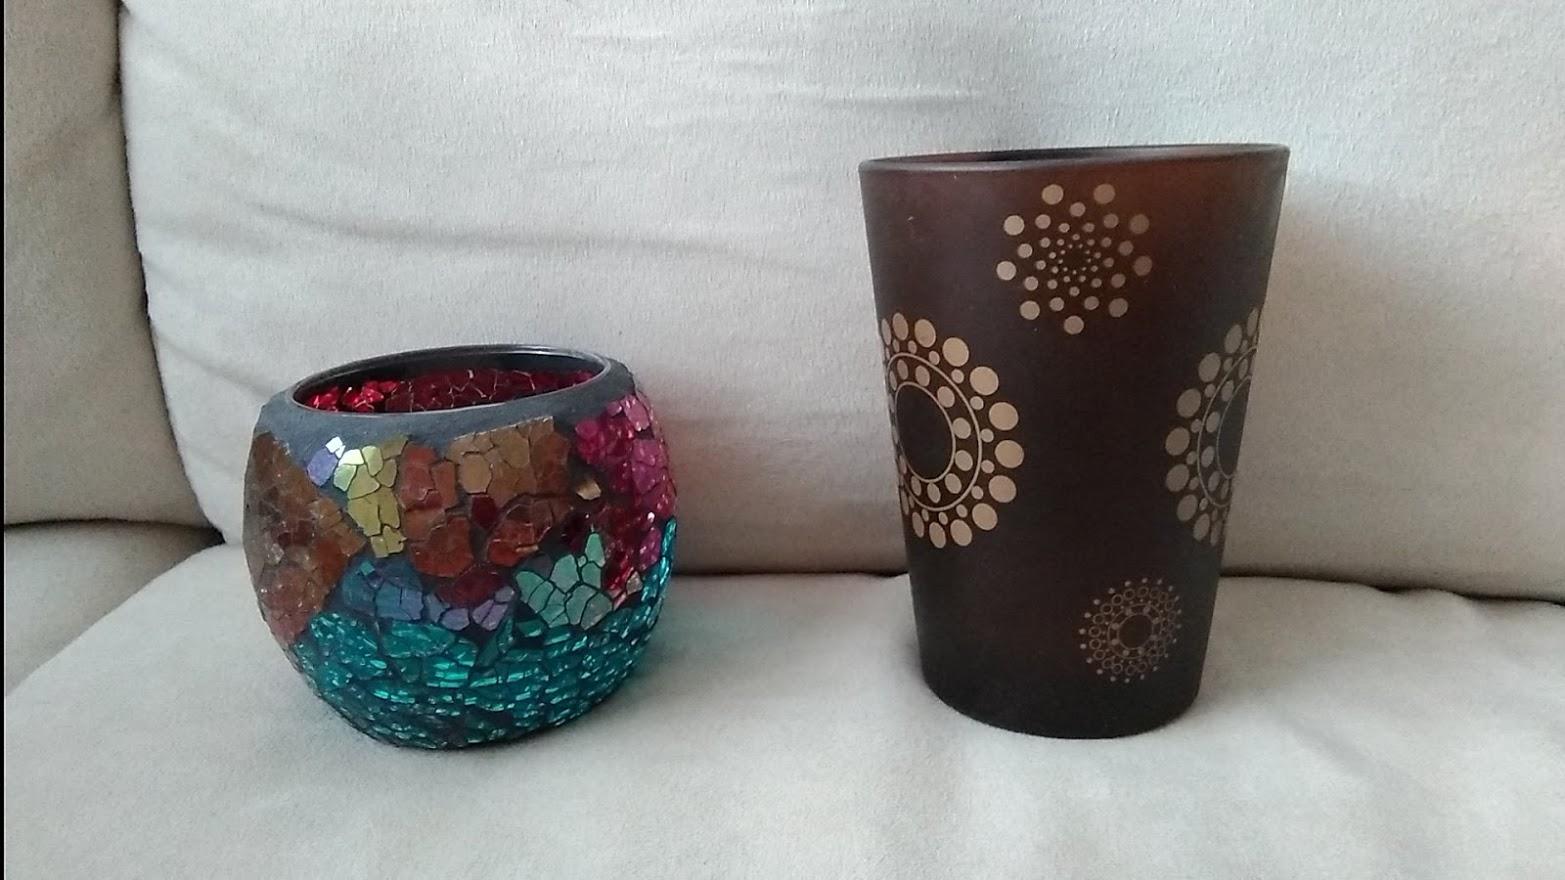 Sklenené svietniky na čajové sviečky - Obrázok č. 1